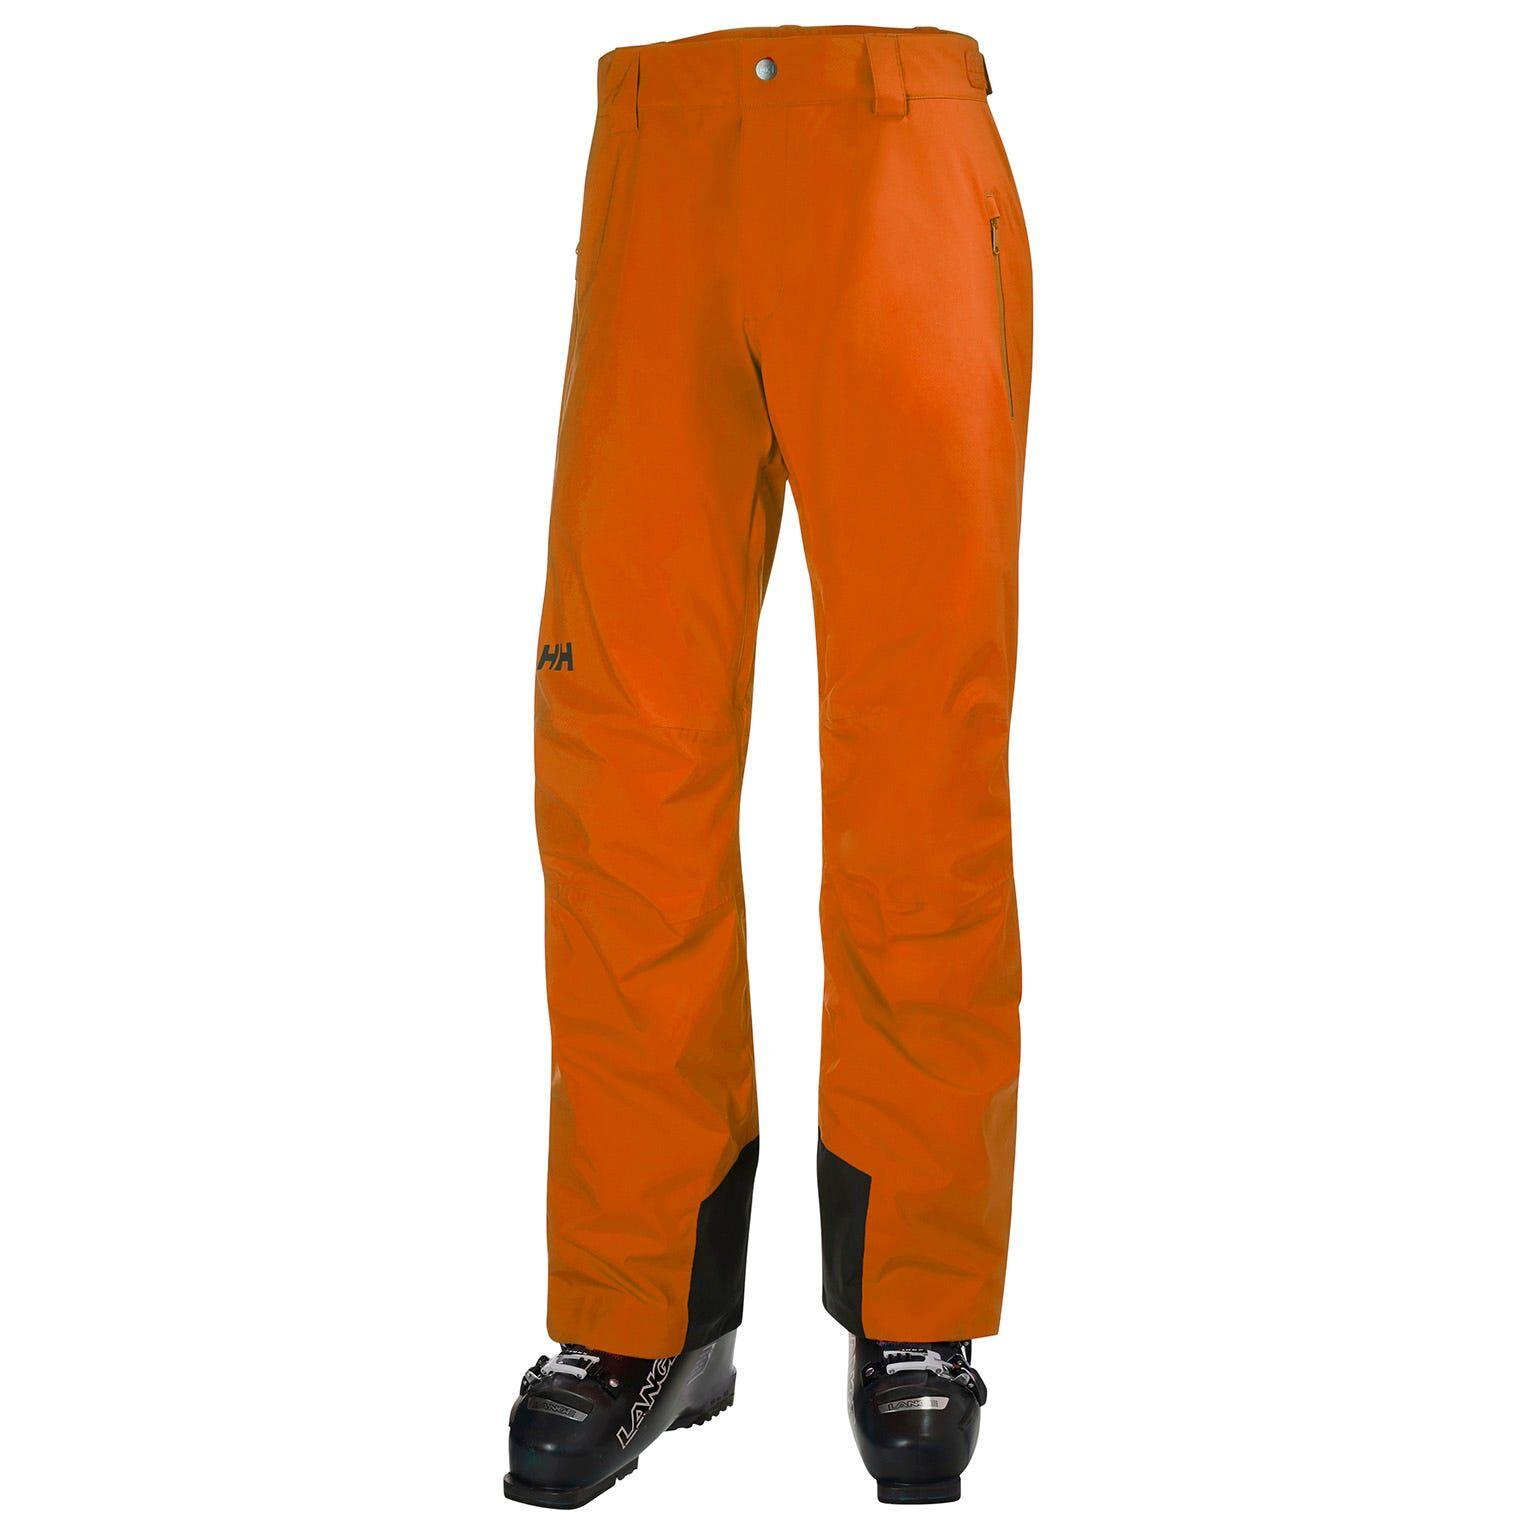 Helly Hansen Men's Legendary Insulated Ski Trousers Orange M